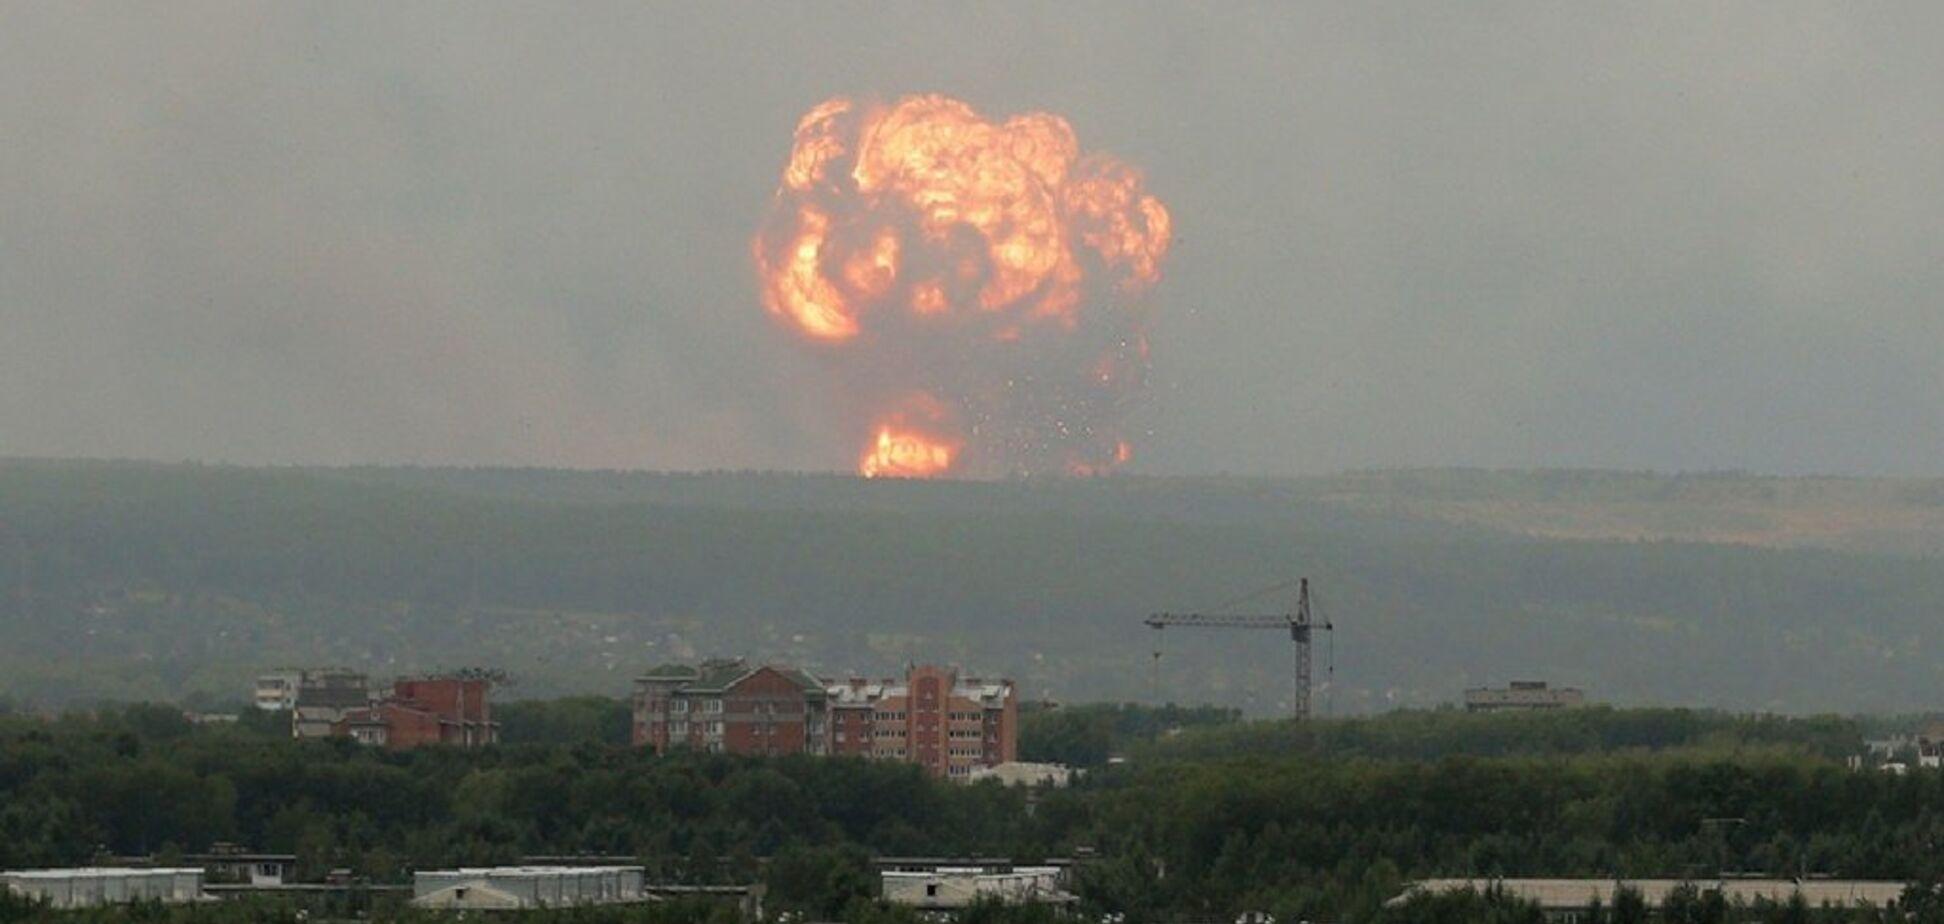 Ситуация вышла из-под контроля? Вскрылся важный нюанс о рванувшем в России арсенале